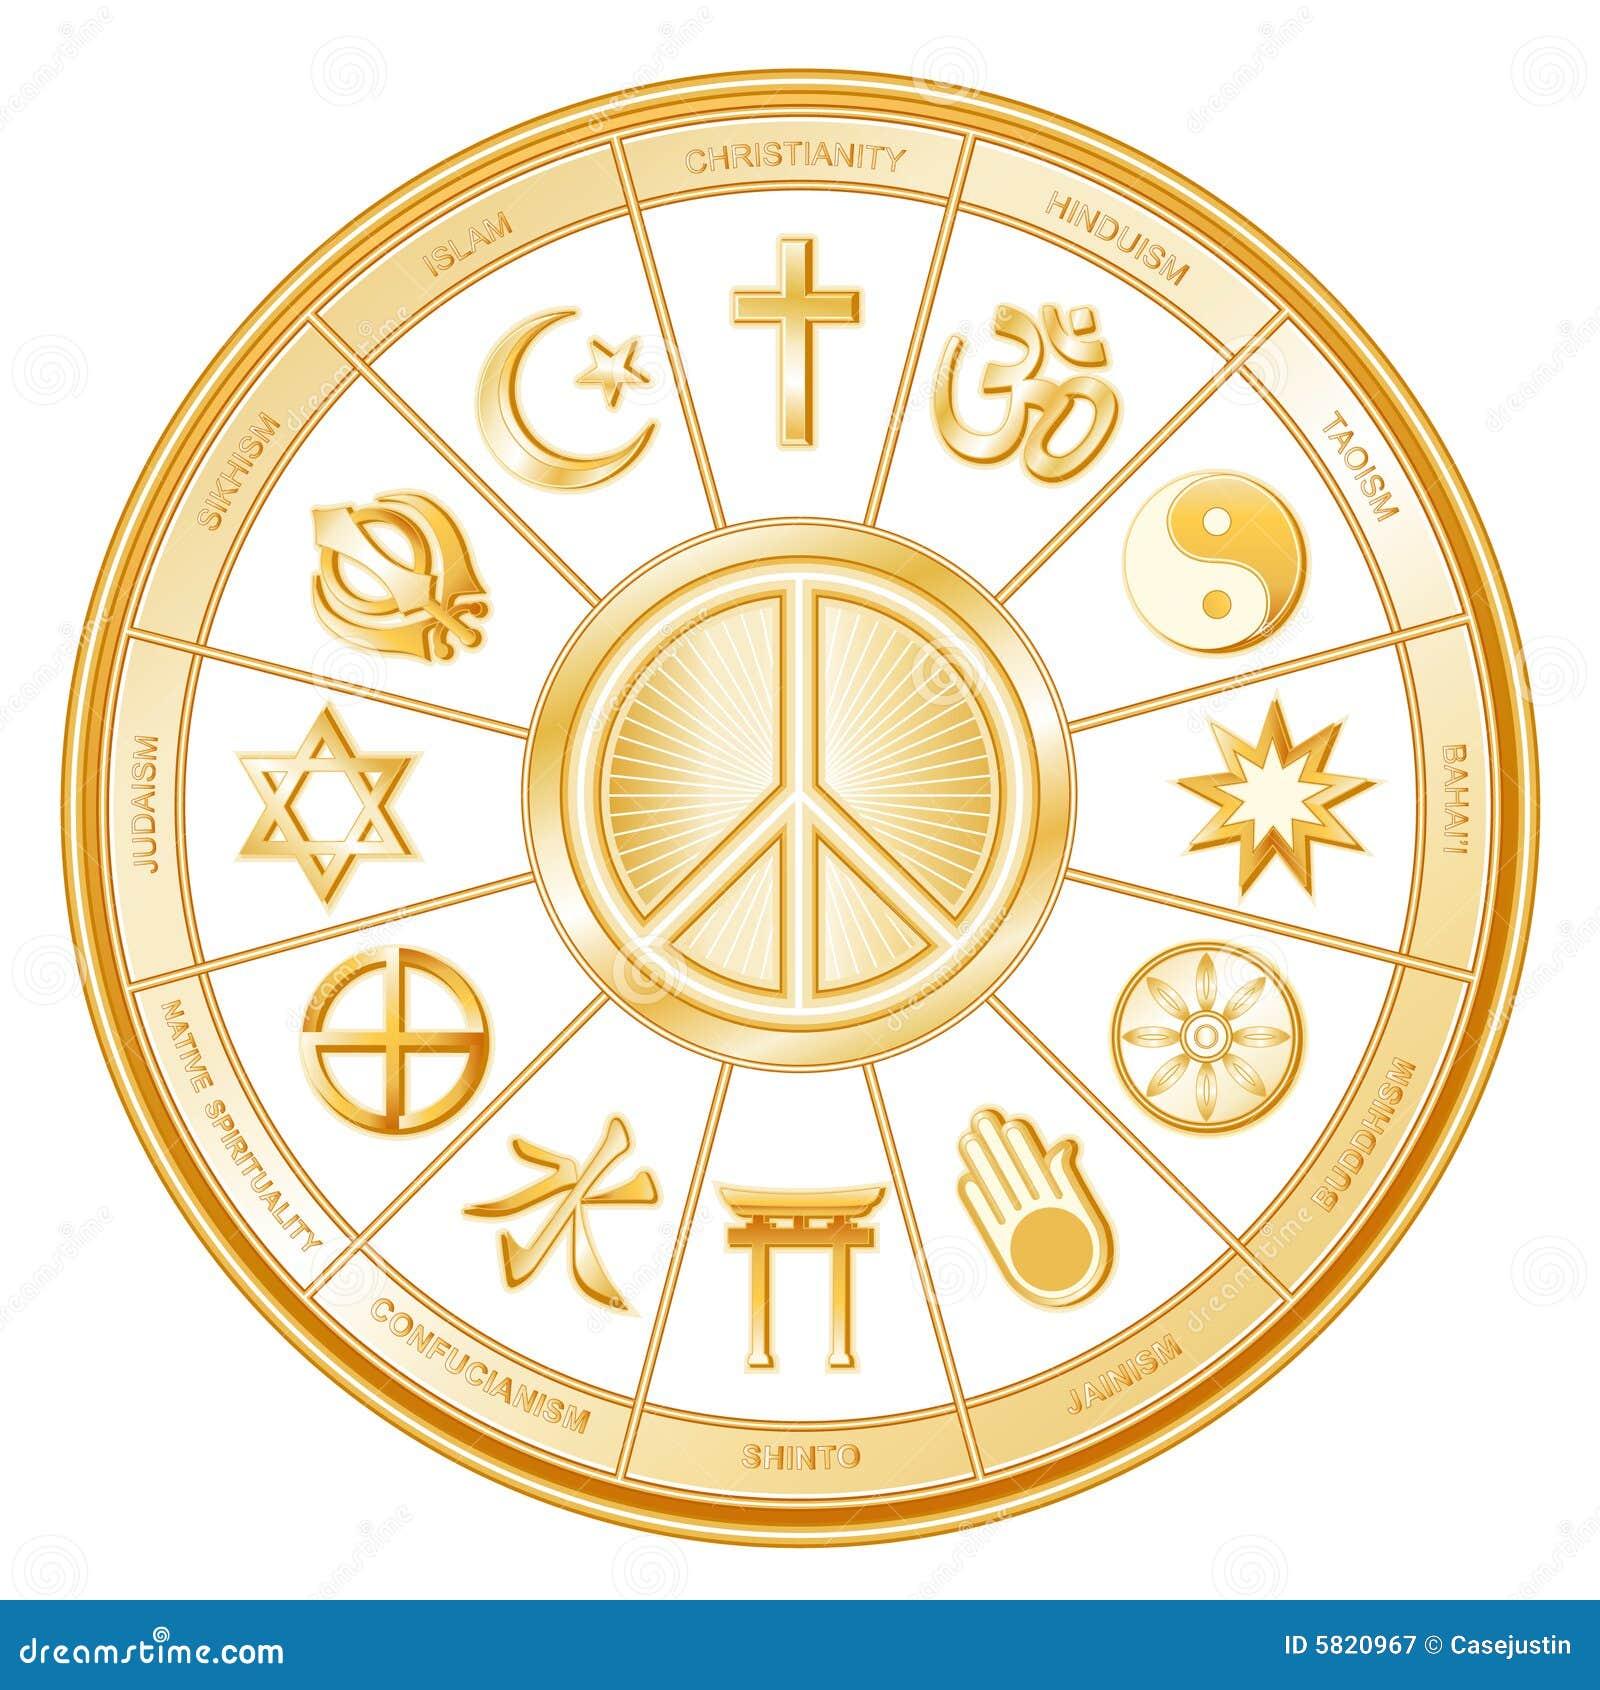 Faiths many peace world